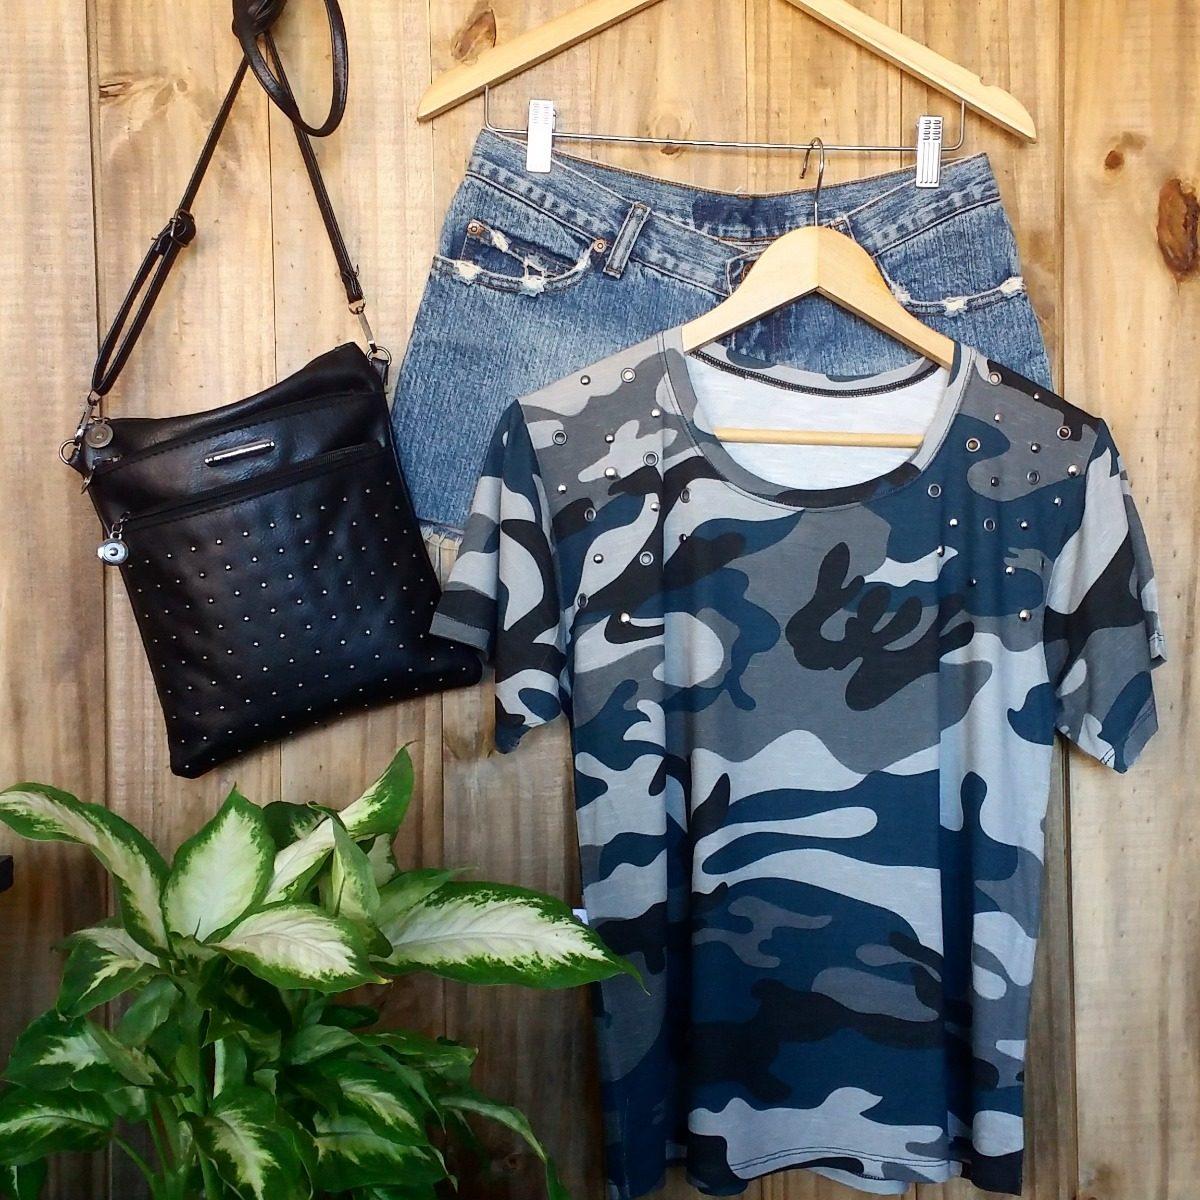 ddea1da46c blusa tshirt camiseta feminina camuflada militar pedraria. Carregando zoom.